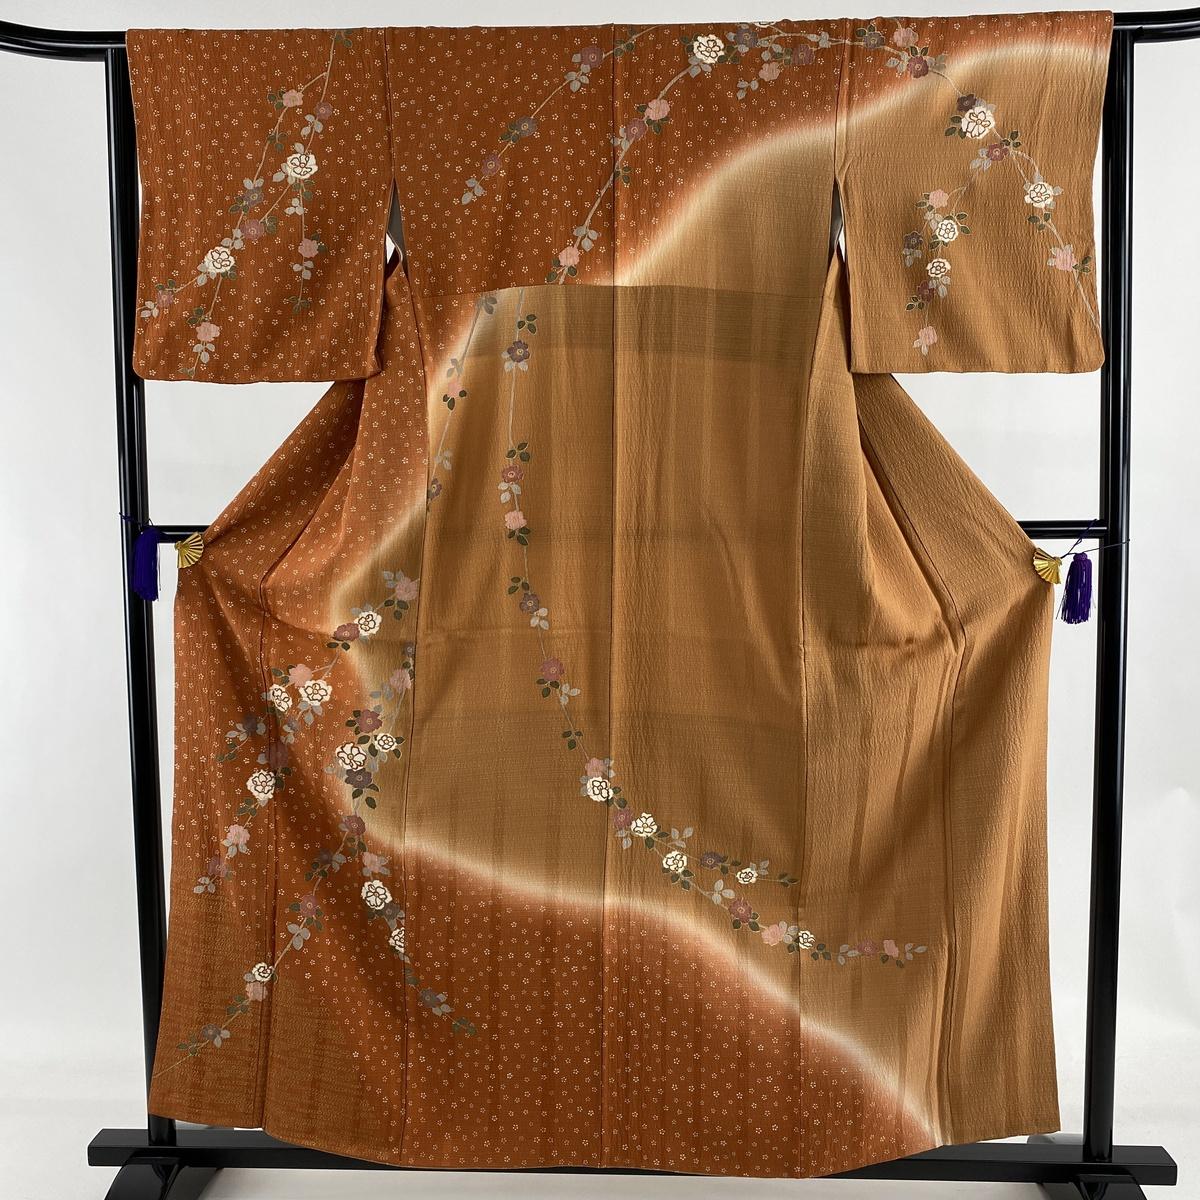 ランクA 着物 リサイクル 送料無料 訪問着 美品 秀品 かわいい 奉呈 枝花 小花 S 63.5cm 中古 2020 新作 オレンジ 金彩 159cm 正絹 染め分け 袷